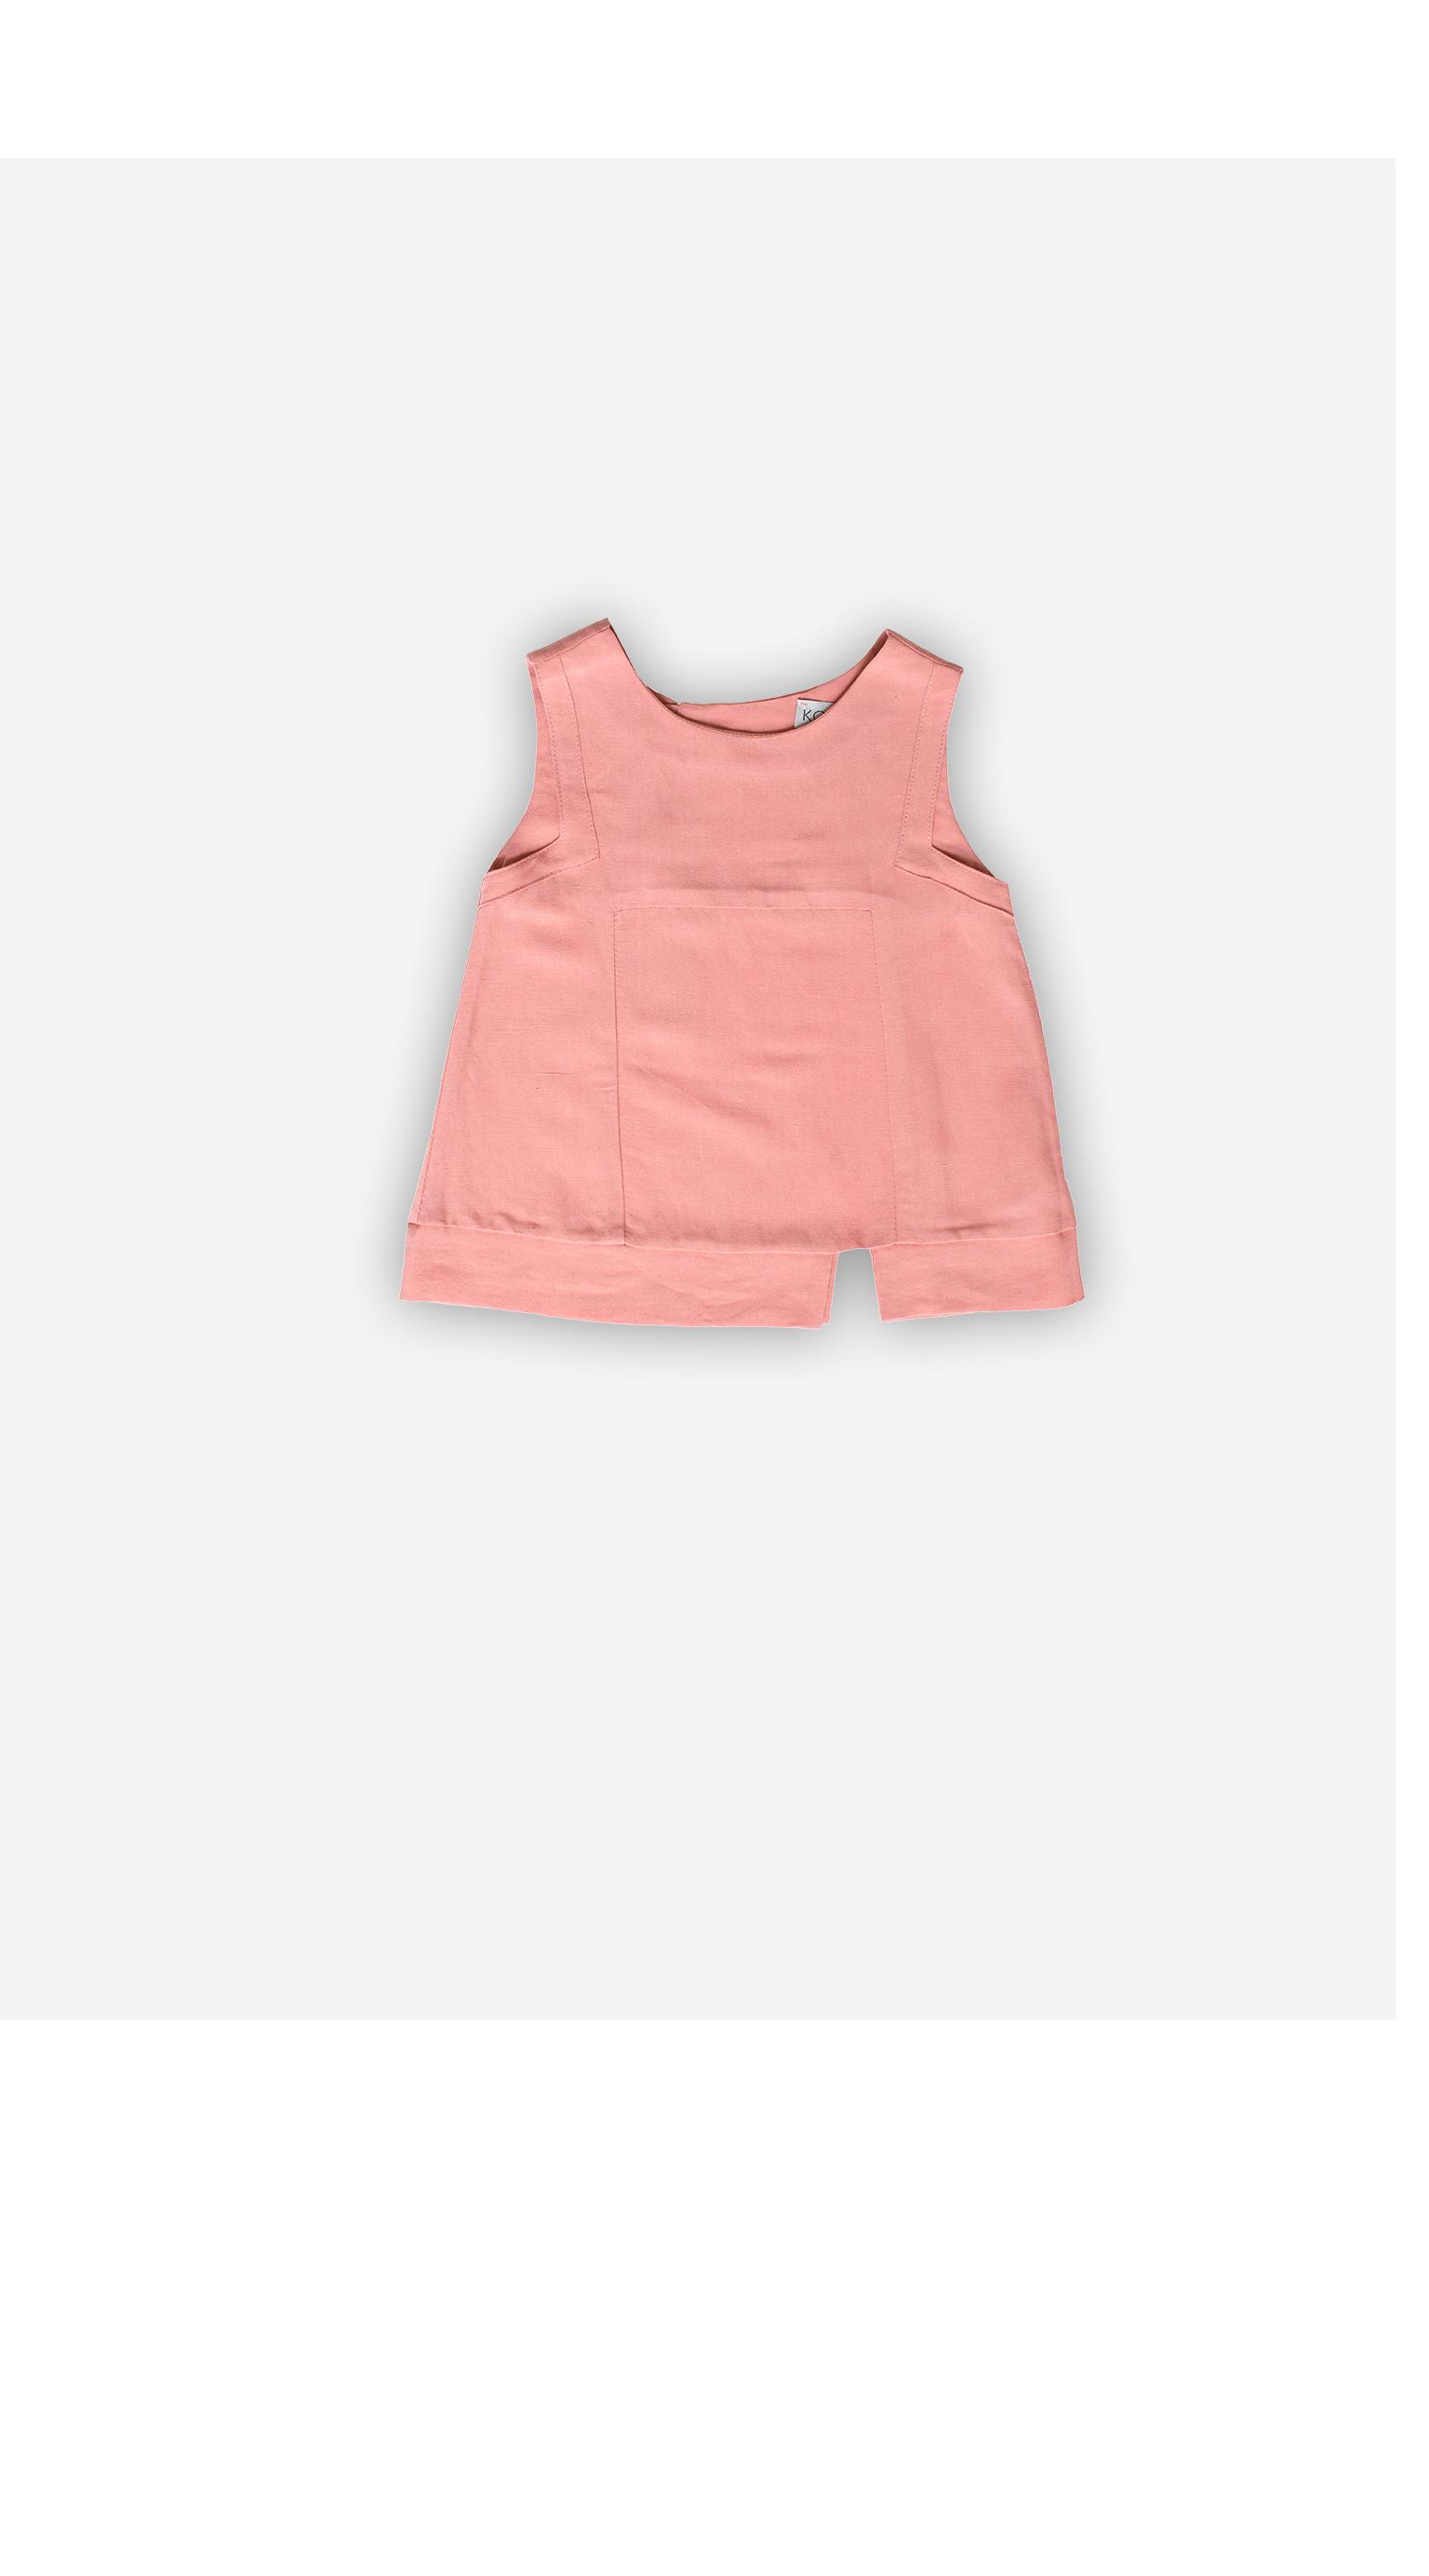 rye blouse